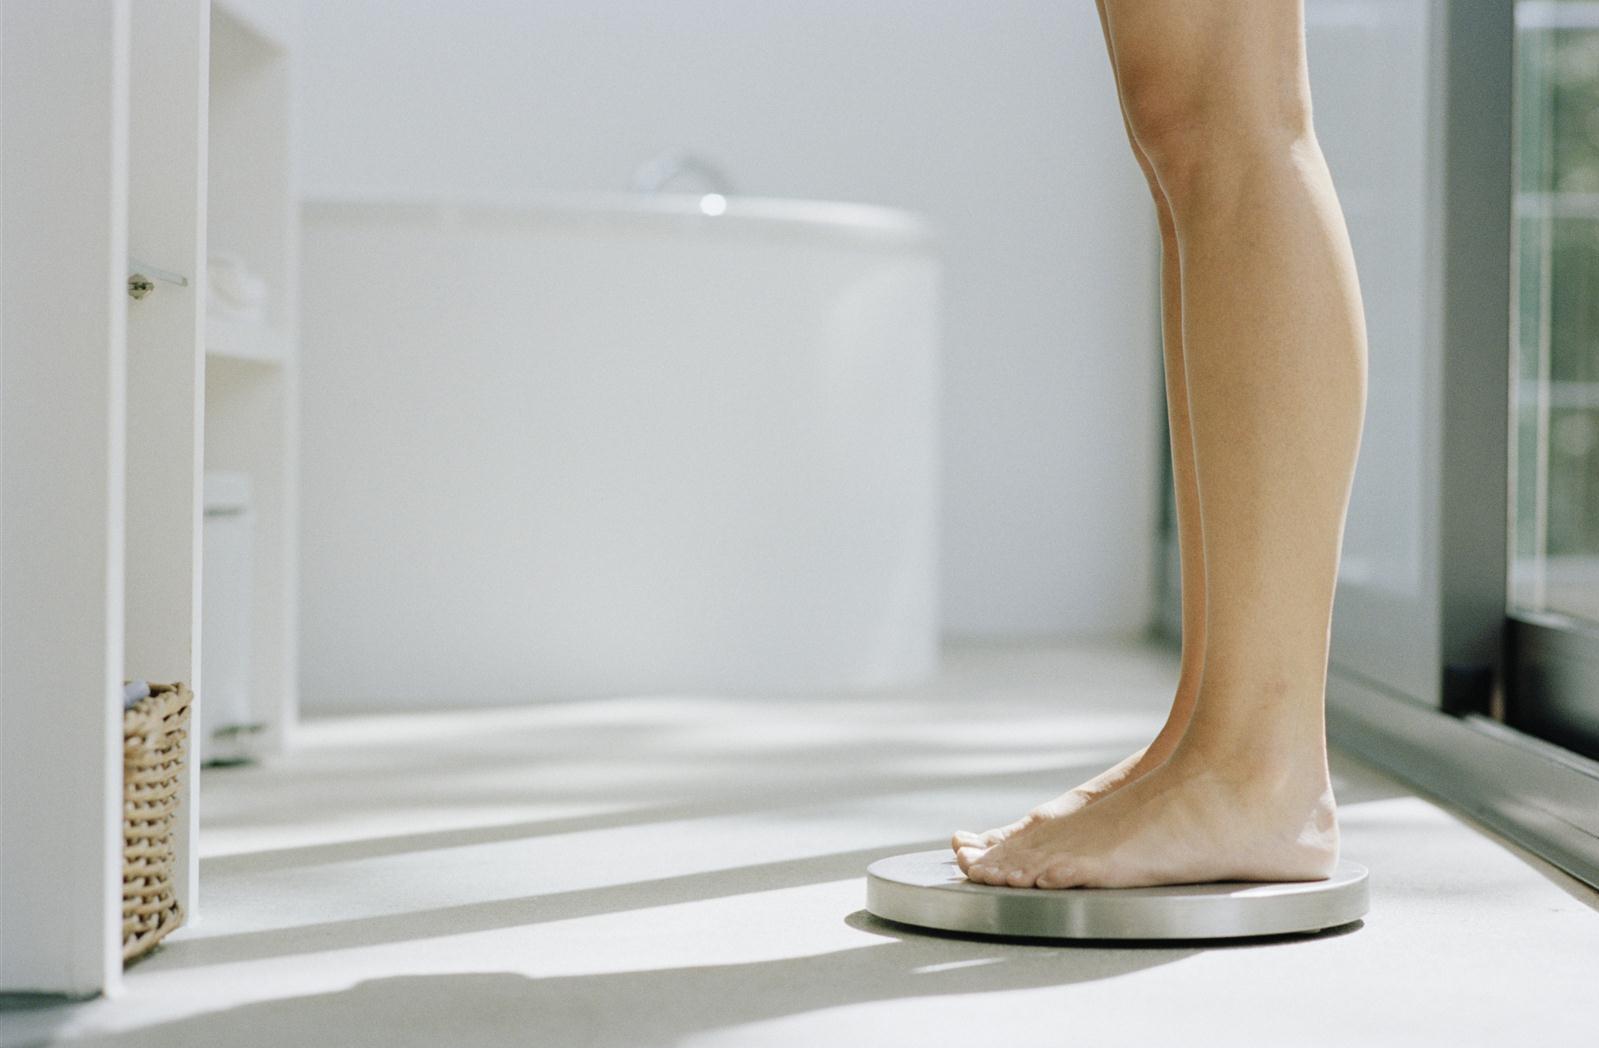 Dimagrire senza dieta con il metodo di Debora Conti